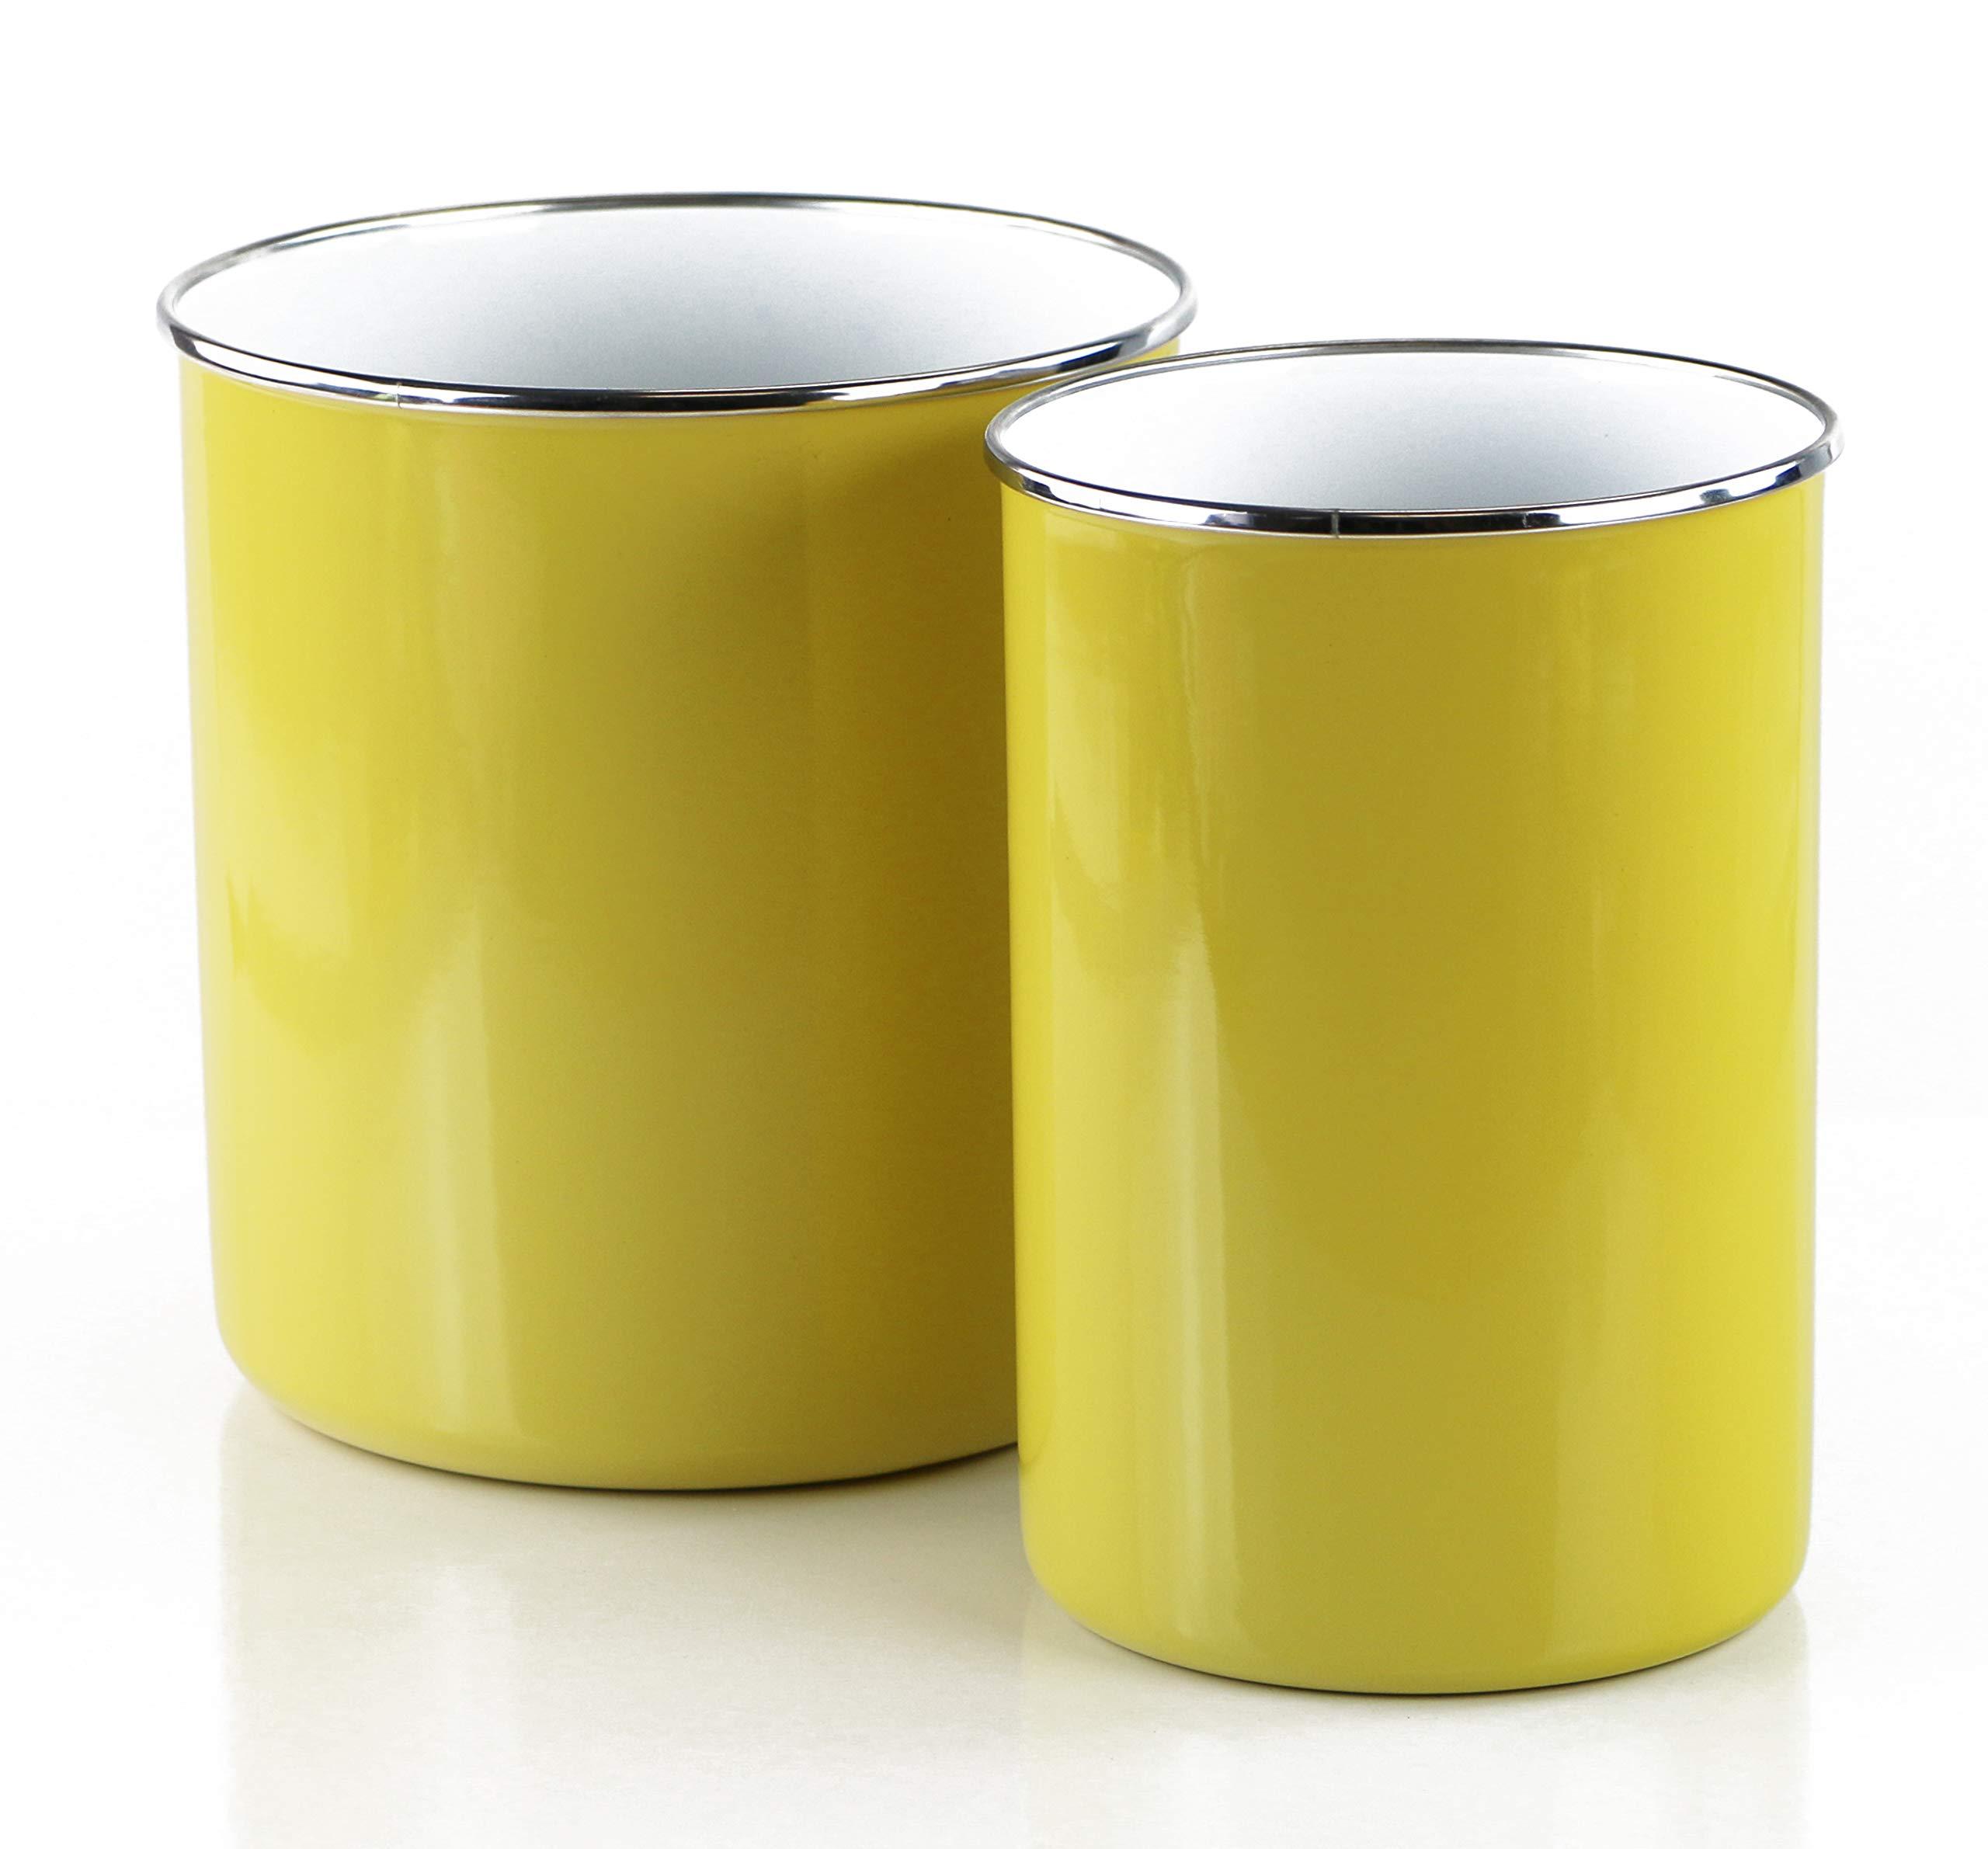 Reston Lloyd 82521M Calypso Basic, 2pc Enamel Set, Lemon Utensil Holder, Set of 2, by Reston Lloyd